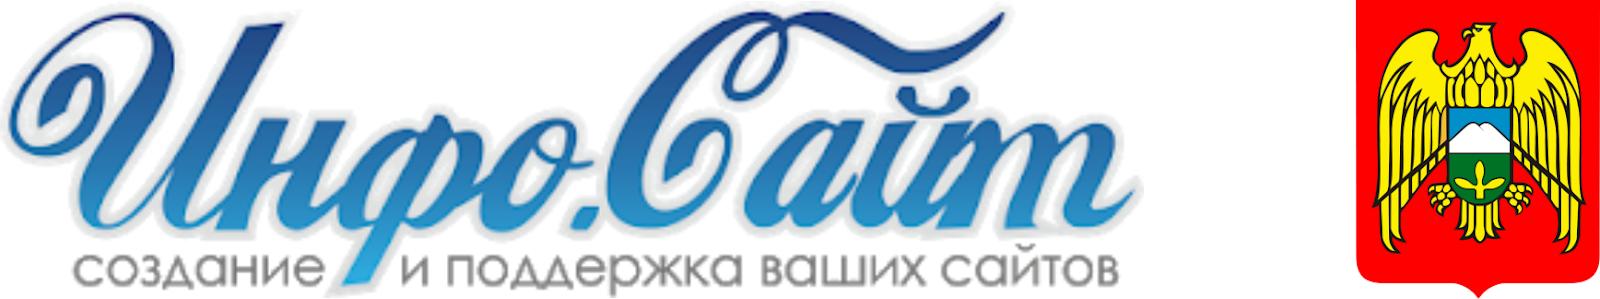 КБР 🌍 Новости : Информационный агрегатор Инфо-Сайт